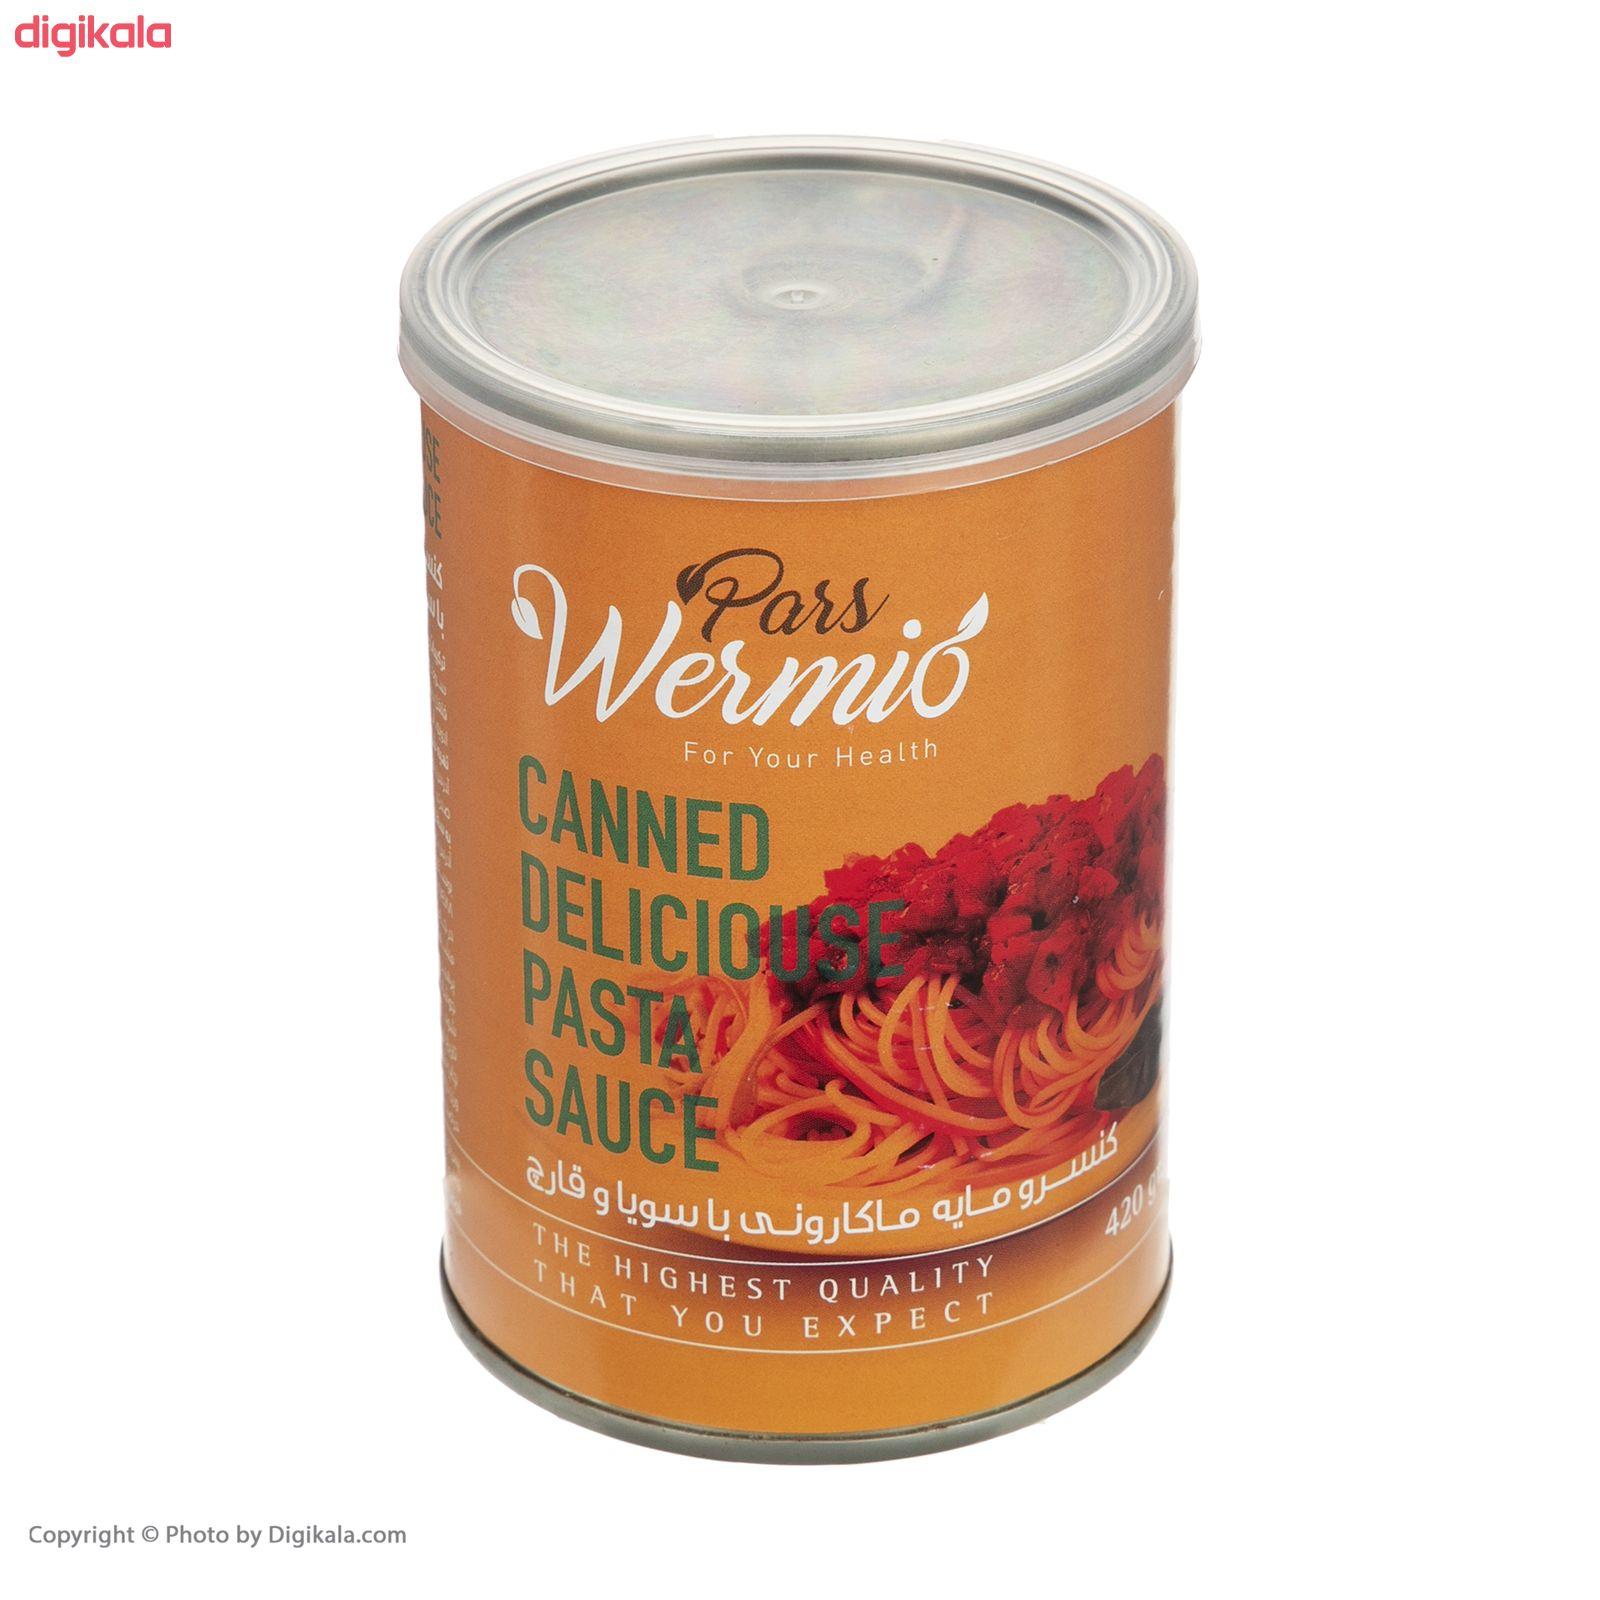 کنسرو مایه ماکارونی با سویا و قارچ پارس ورمیو - 420 گرم main 1 1